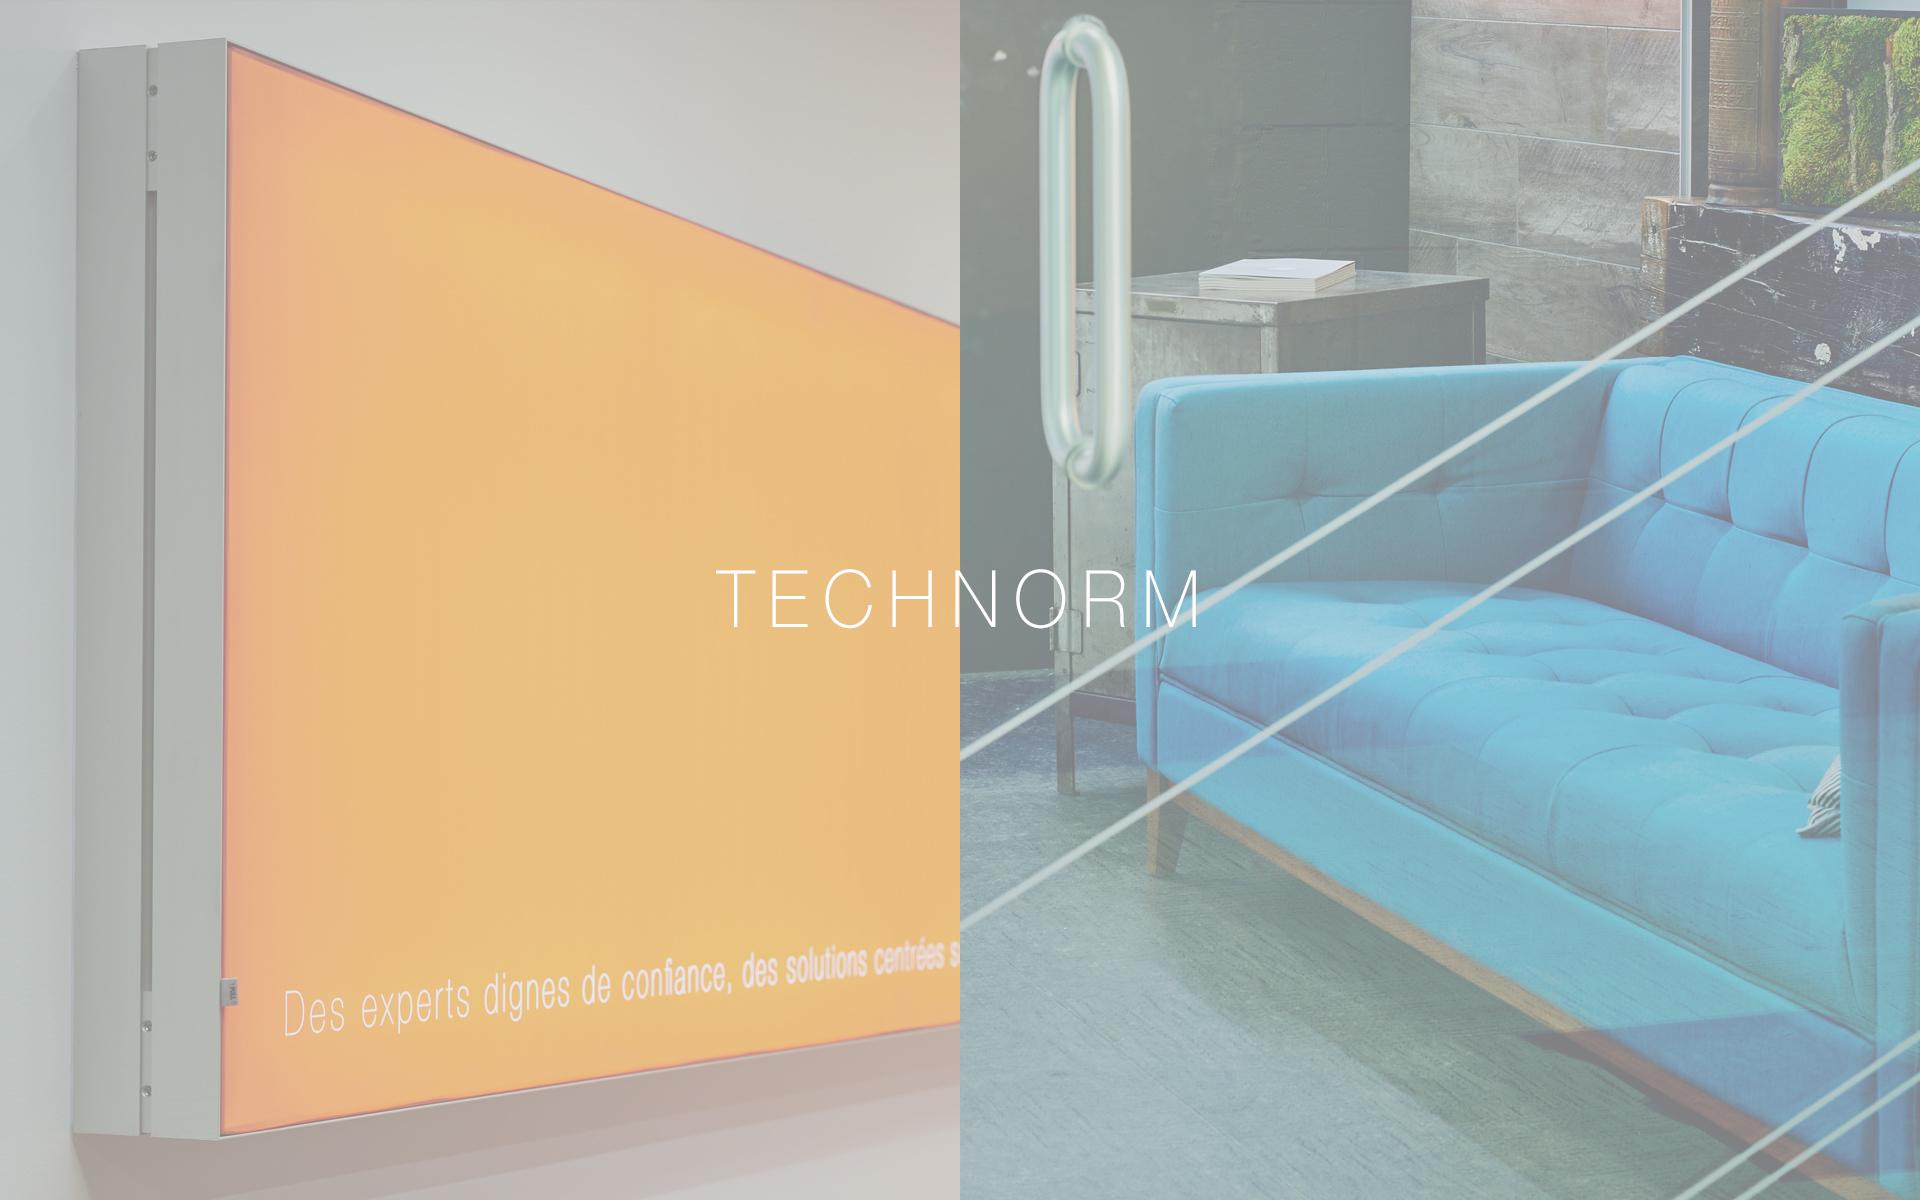 Technorm-Amenagement-ServicesGraphiques.jpg